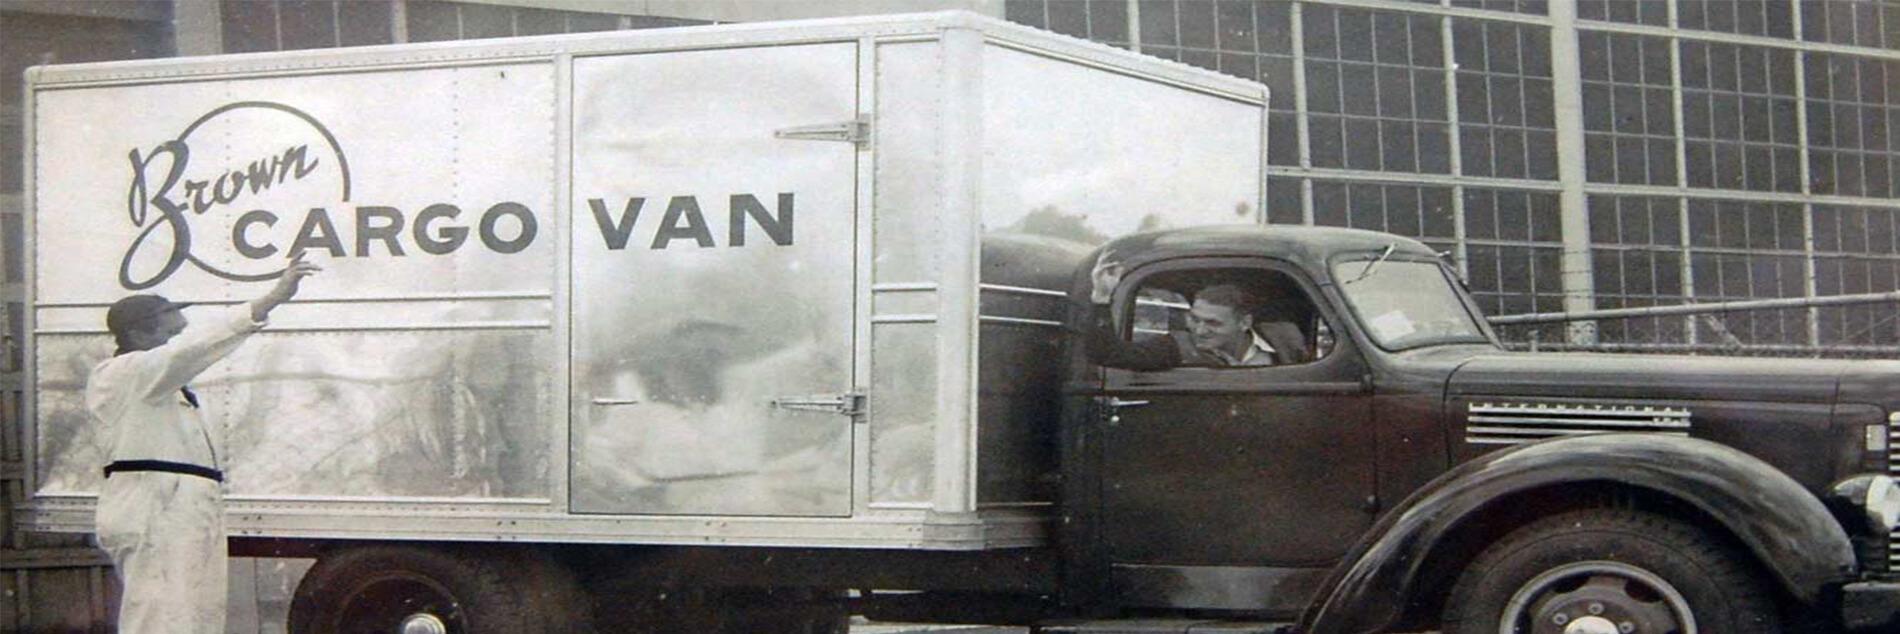 Brown_Cargo_Van_Body.jpg